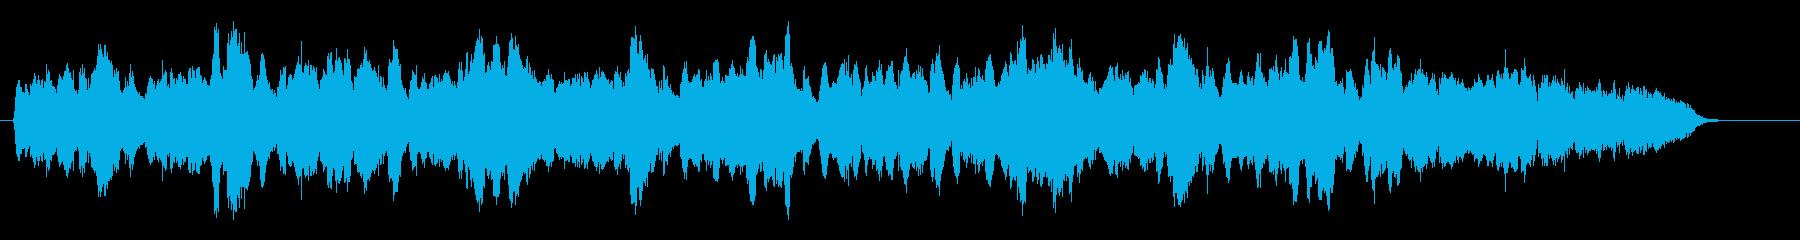 アットホームで心地よいチェロの響きの再生済みの波形